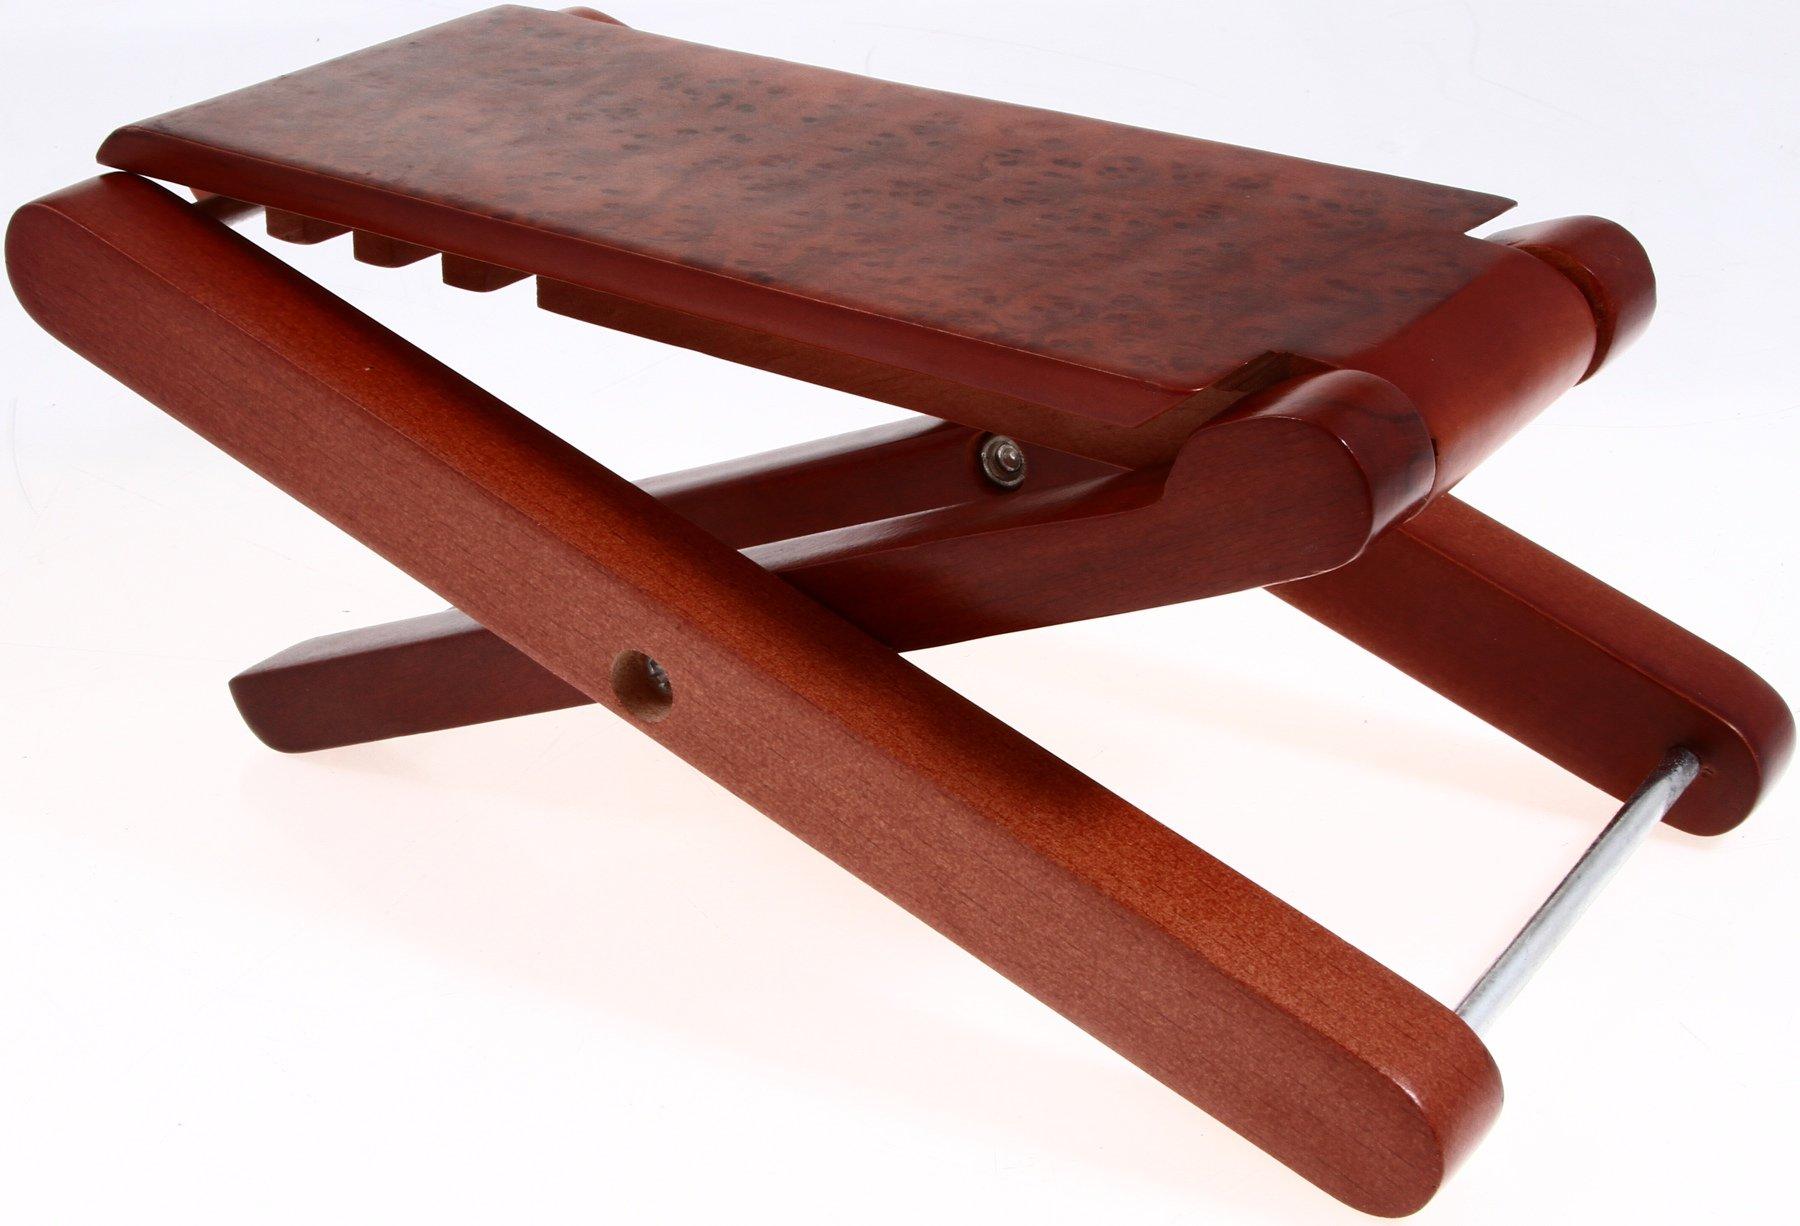 cordoba folding footstool image 1 NGWDGAN